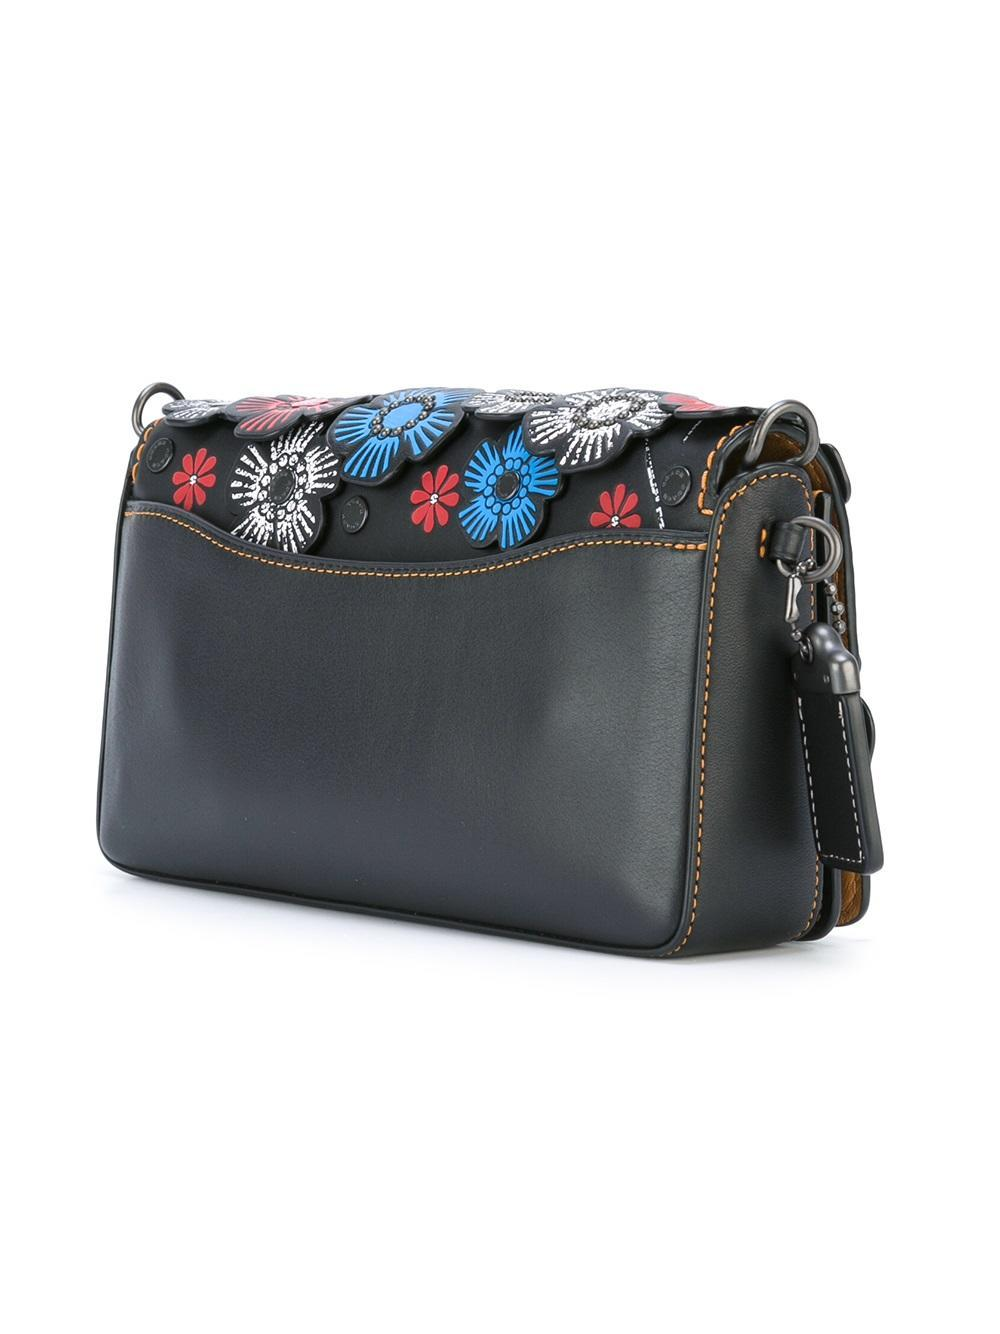 Lyst - Coach Tea Rose Shoulder Bag In Black